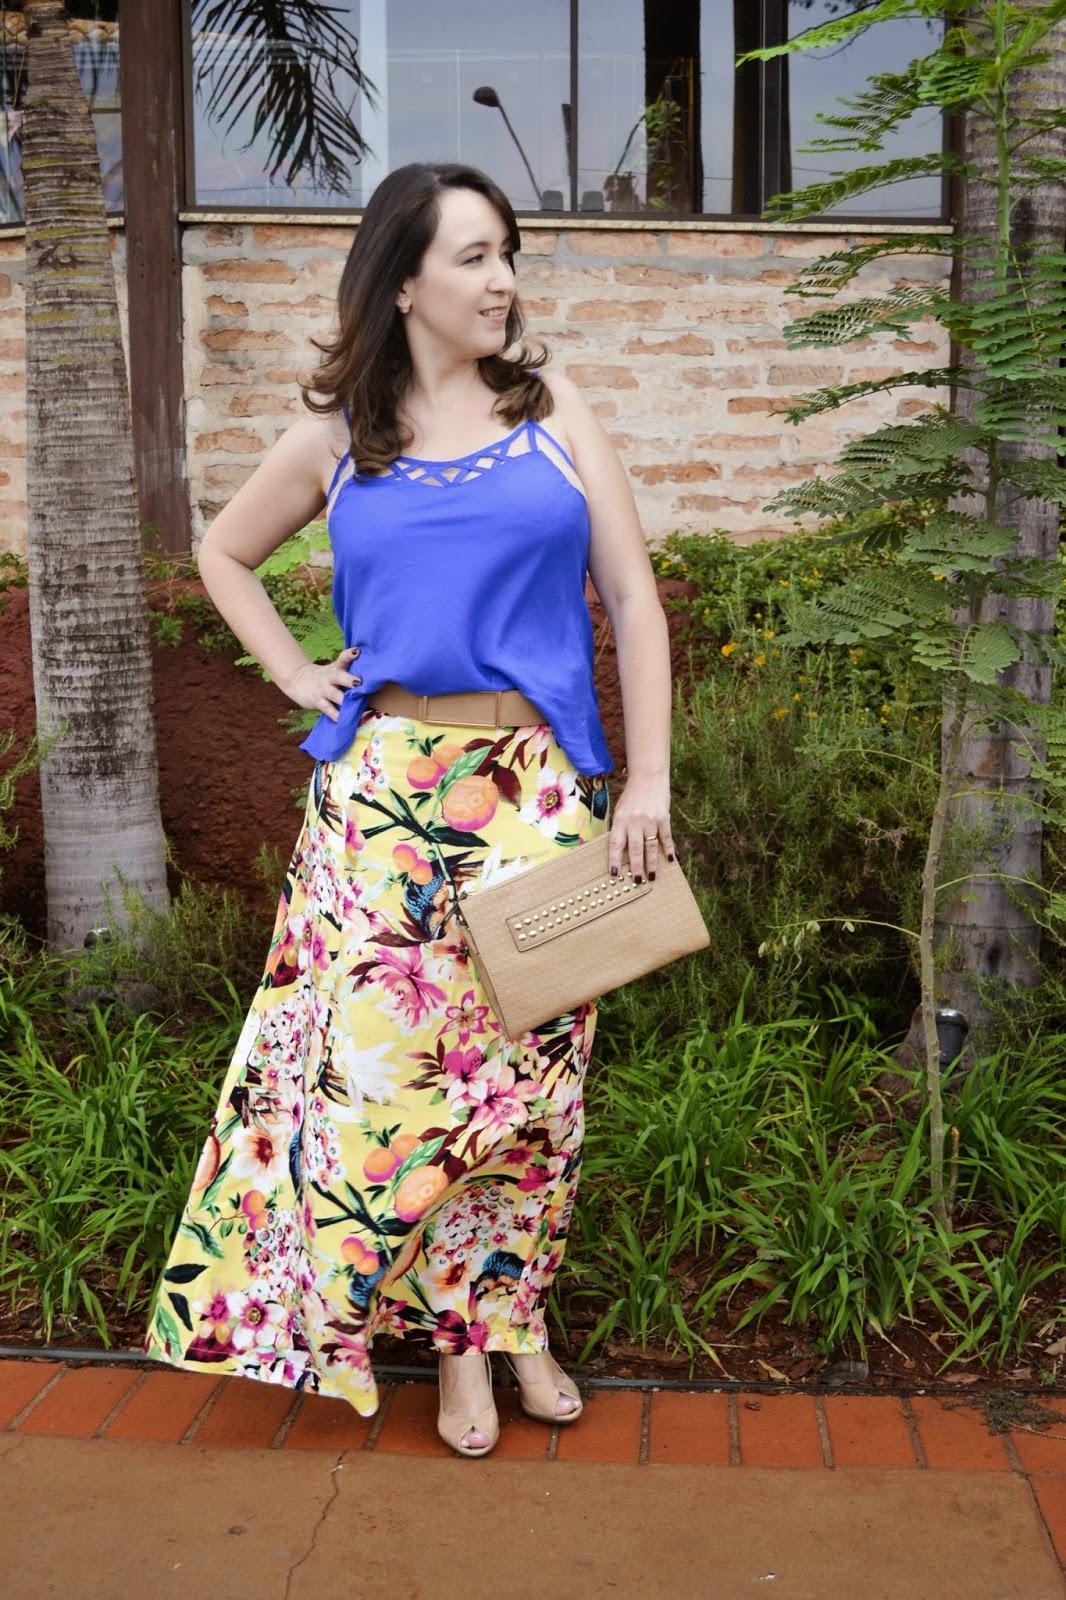 look do dia, blogueira de moda, saia estampada, reagata azul, look de verão, lalilu modas, blog camila andrade, blogueira de moda de ribeirão preto, saia longa estampada, como usar saia estampada